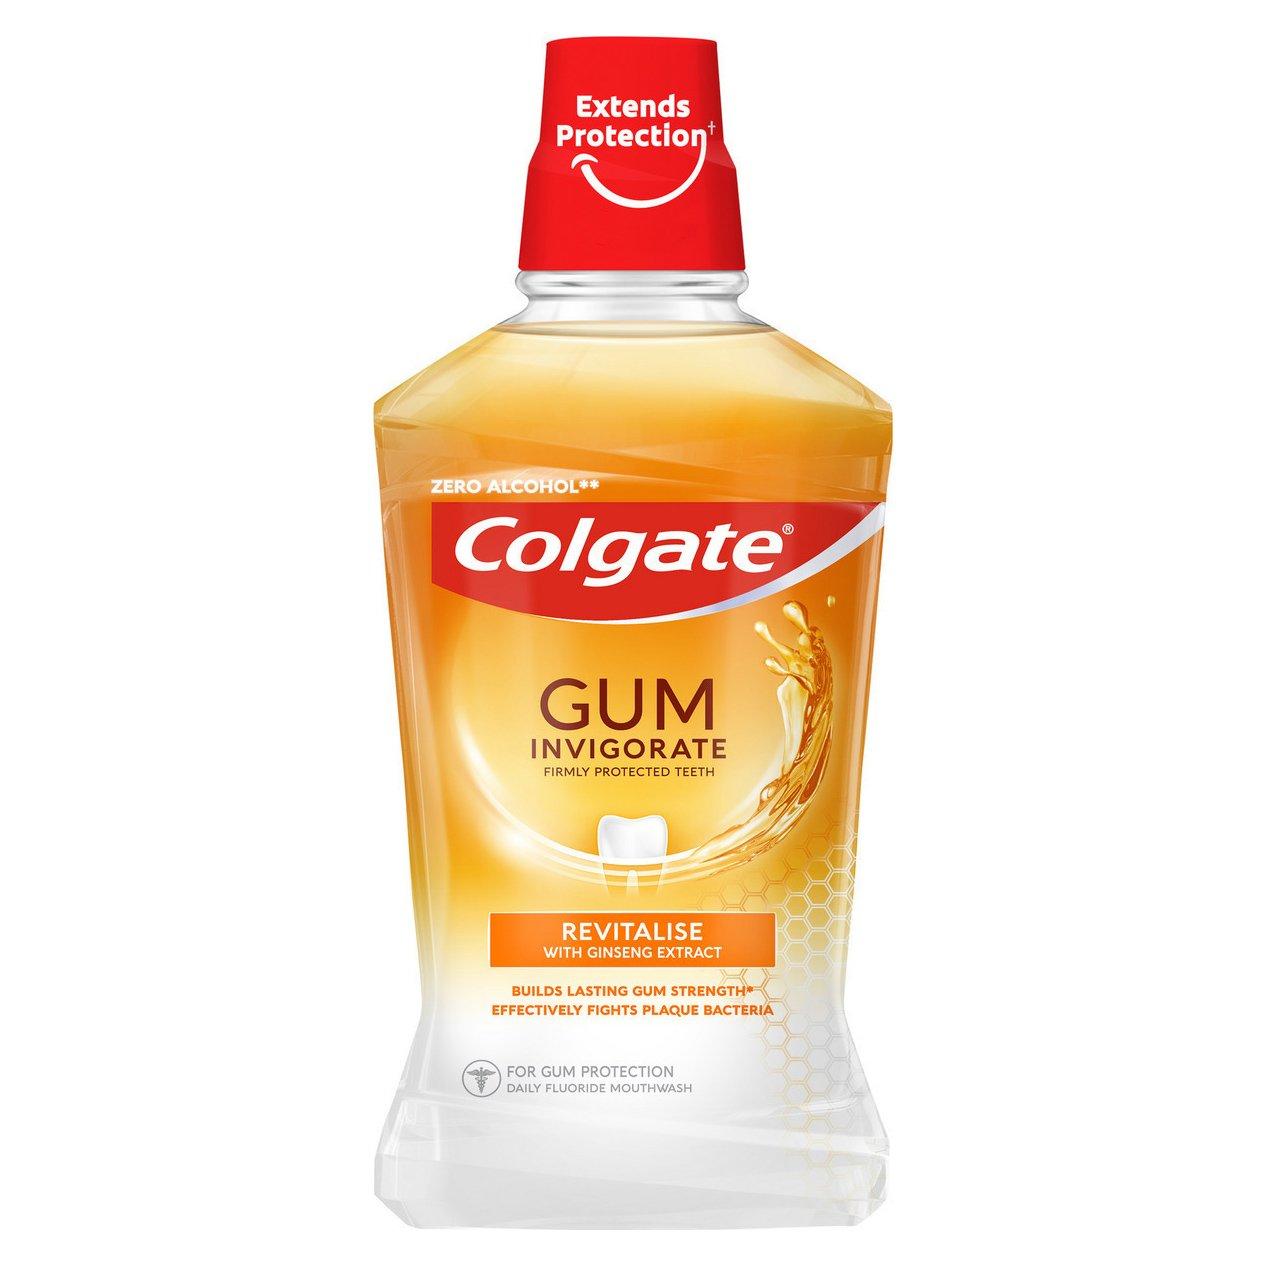 Colgate Gum Invigorate Teeth Mouthwash Στοματικό Διάλυμα Κατά των Προβλημάτων & των Ερεθισμών των Ούλων 500ml